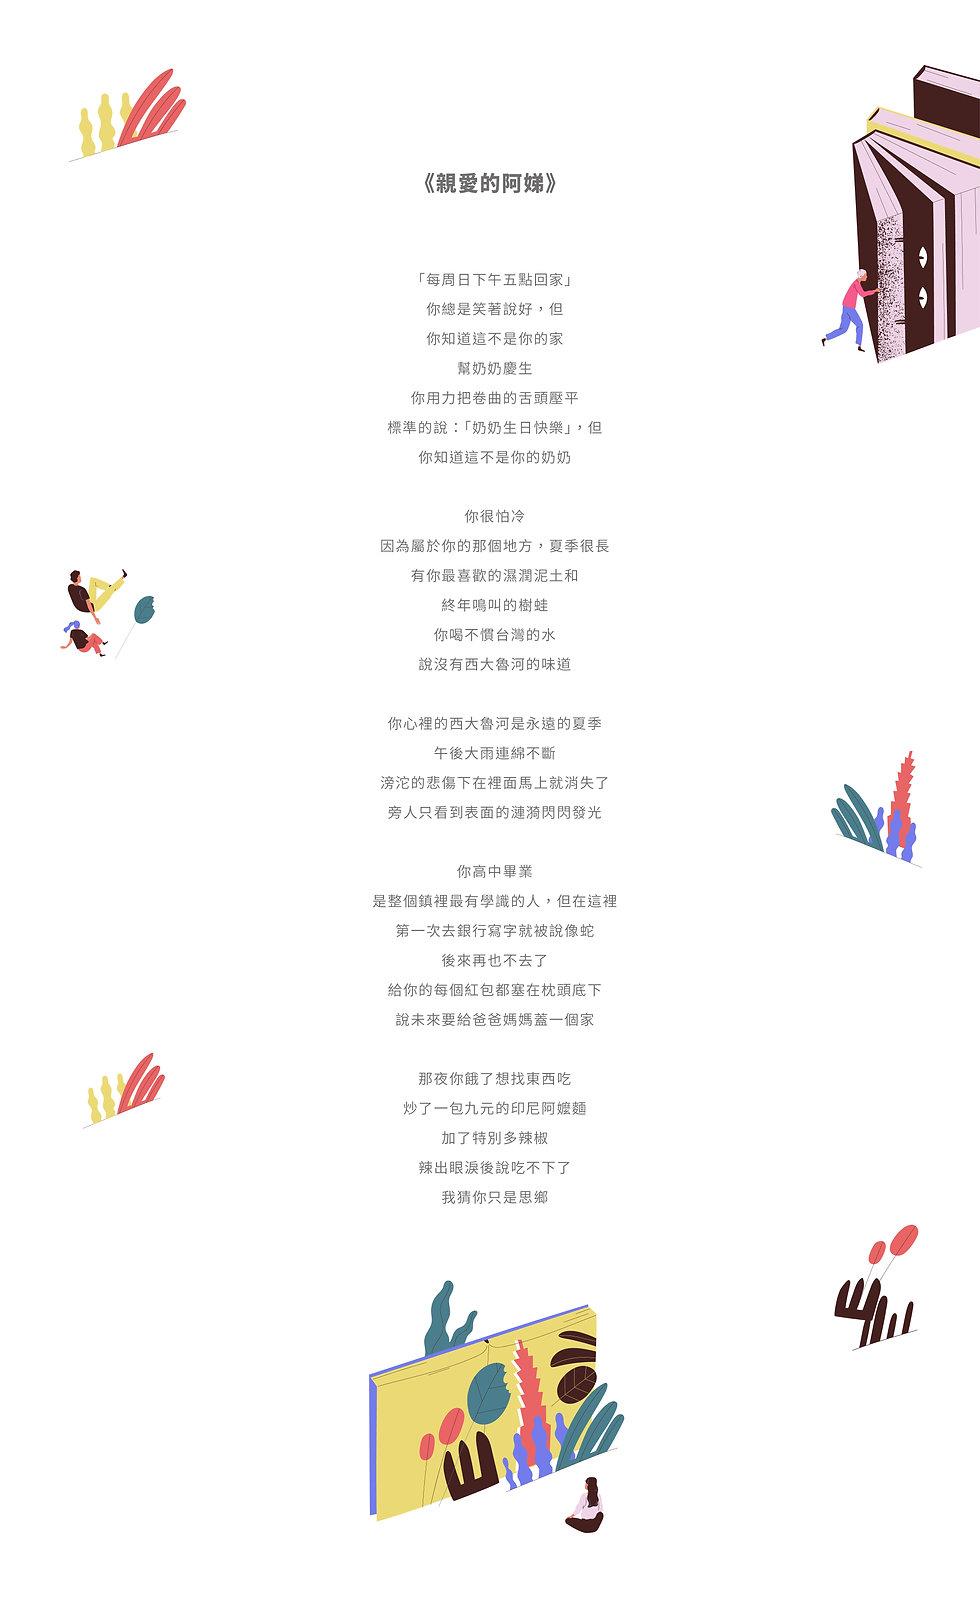 入圍作品_詩文組_評審獎-04.jpg